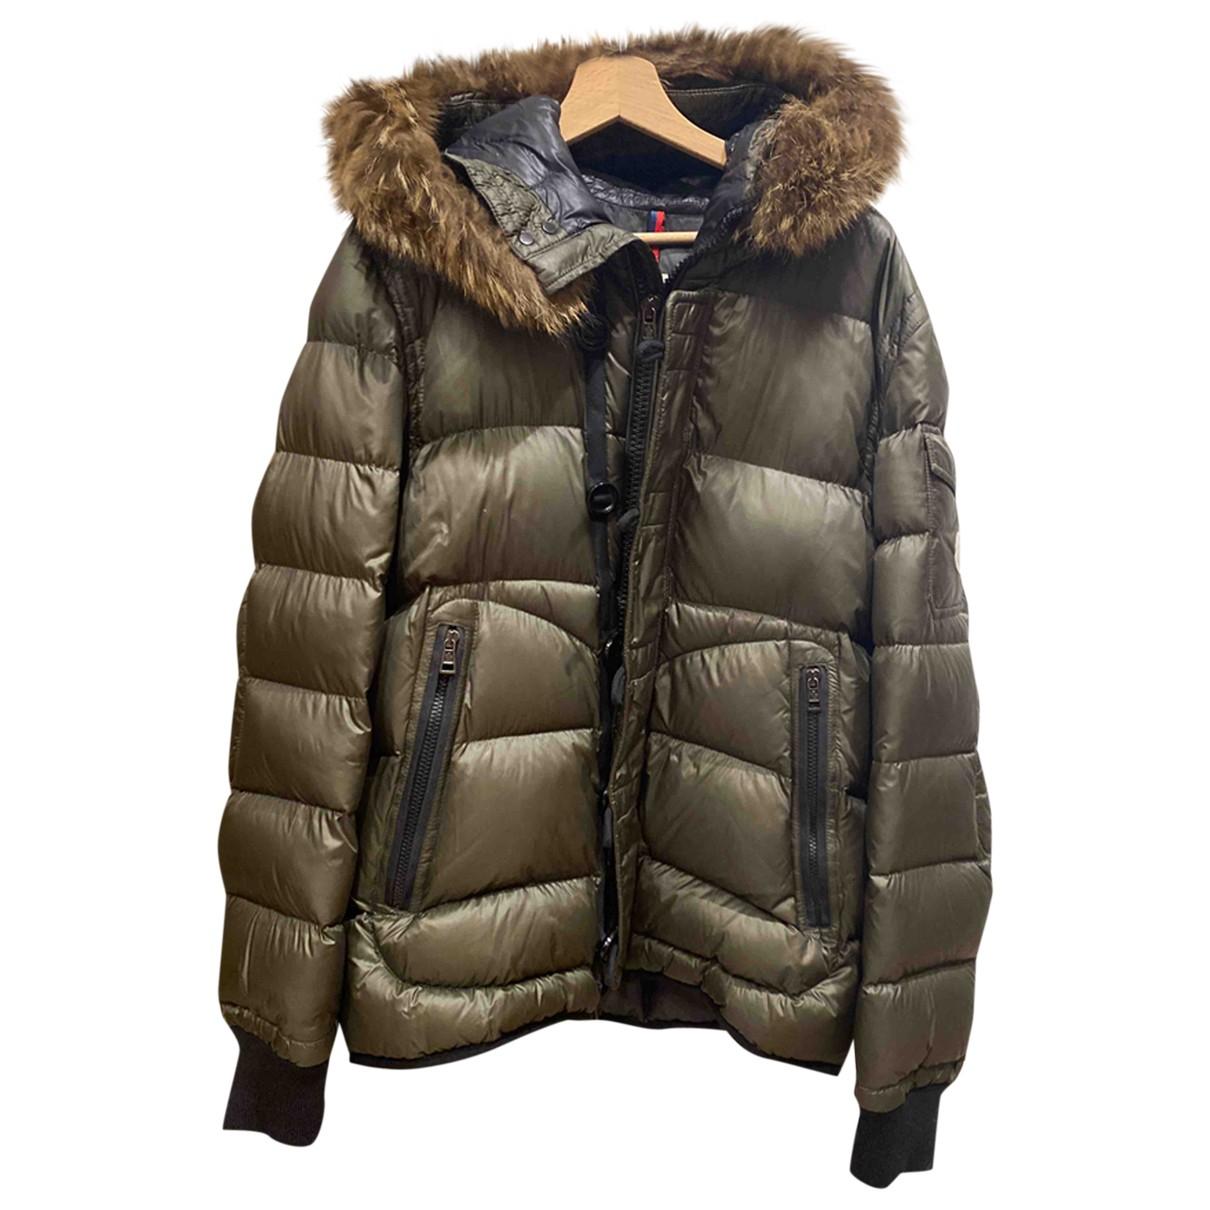 Moncler N Green coat  for Men 5 0 - 6